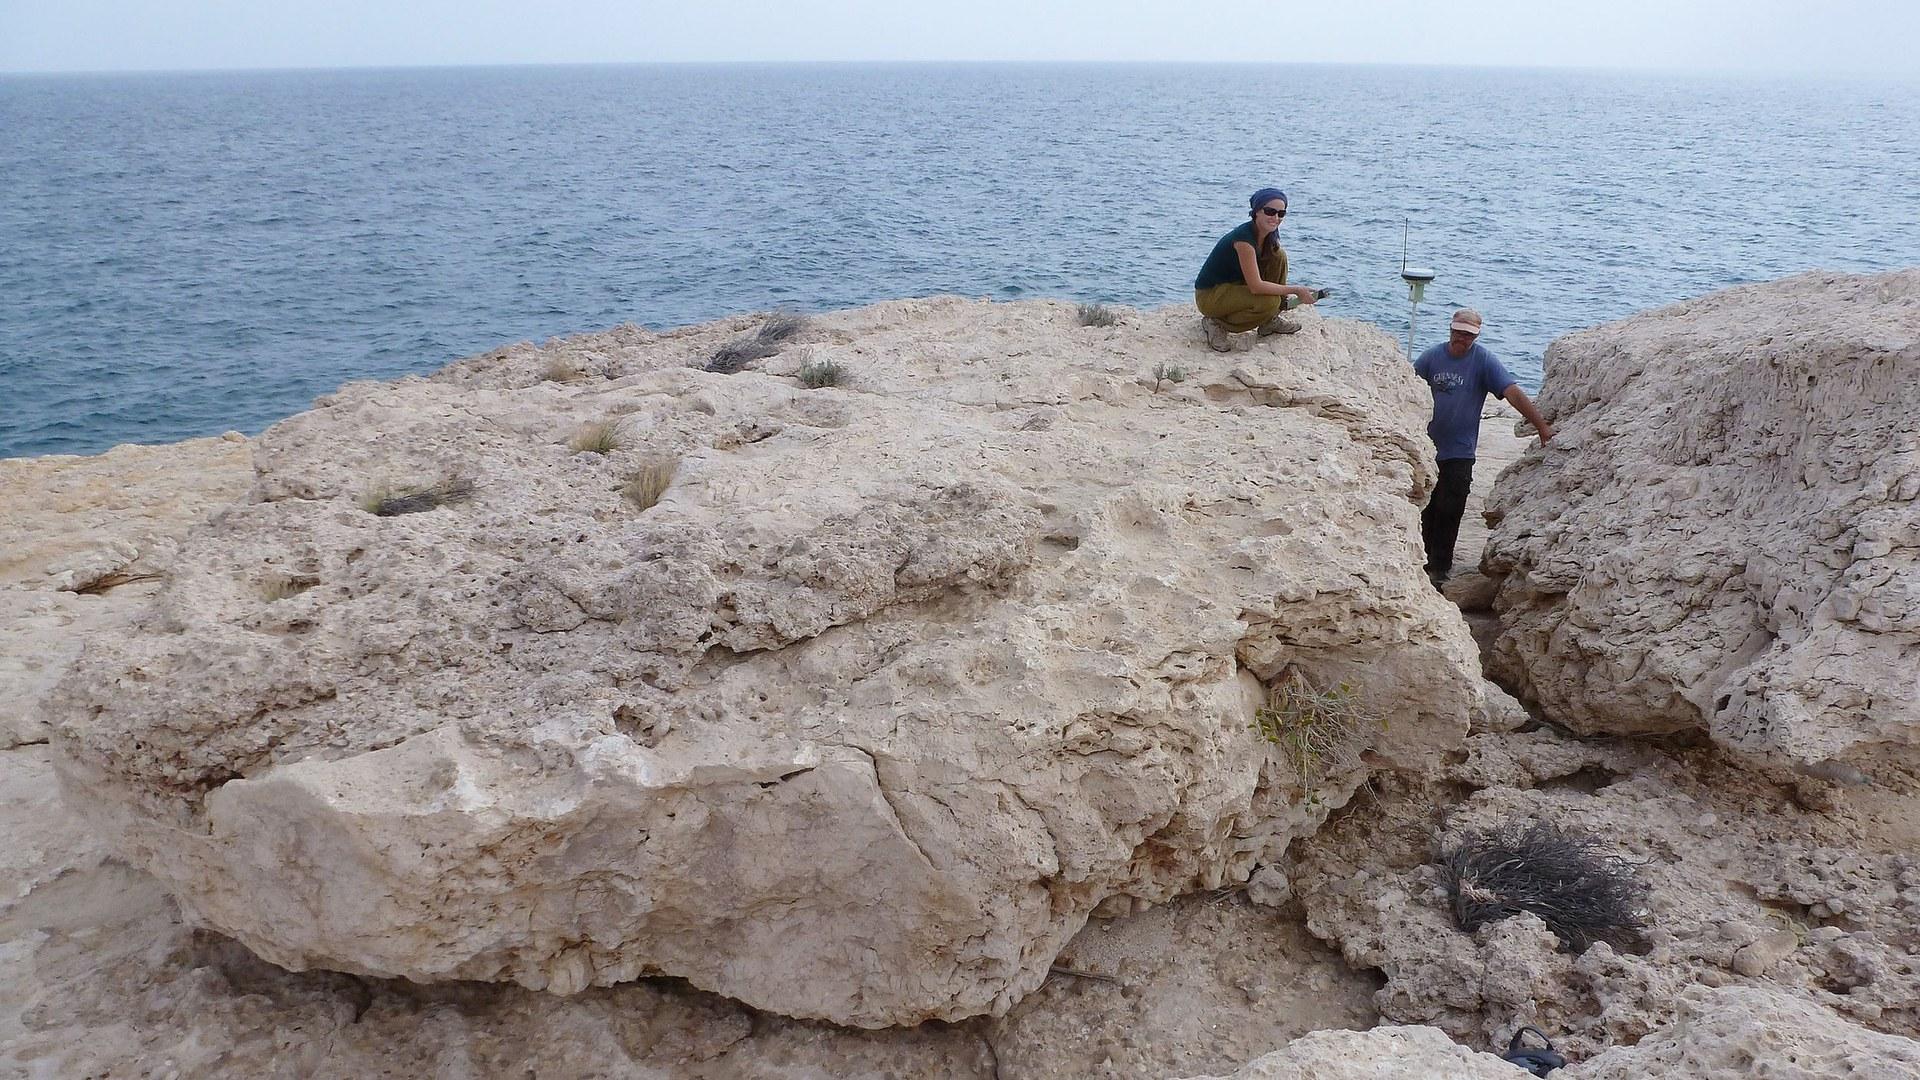 Der größte dieser Gesteinsbrocken wiegt rund 100 Tonnen,